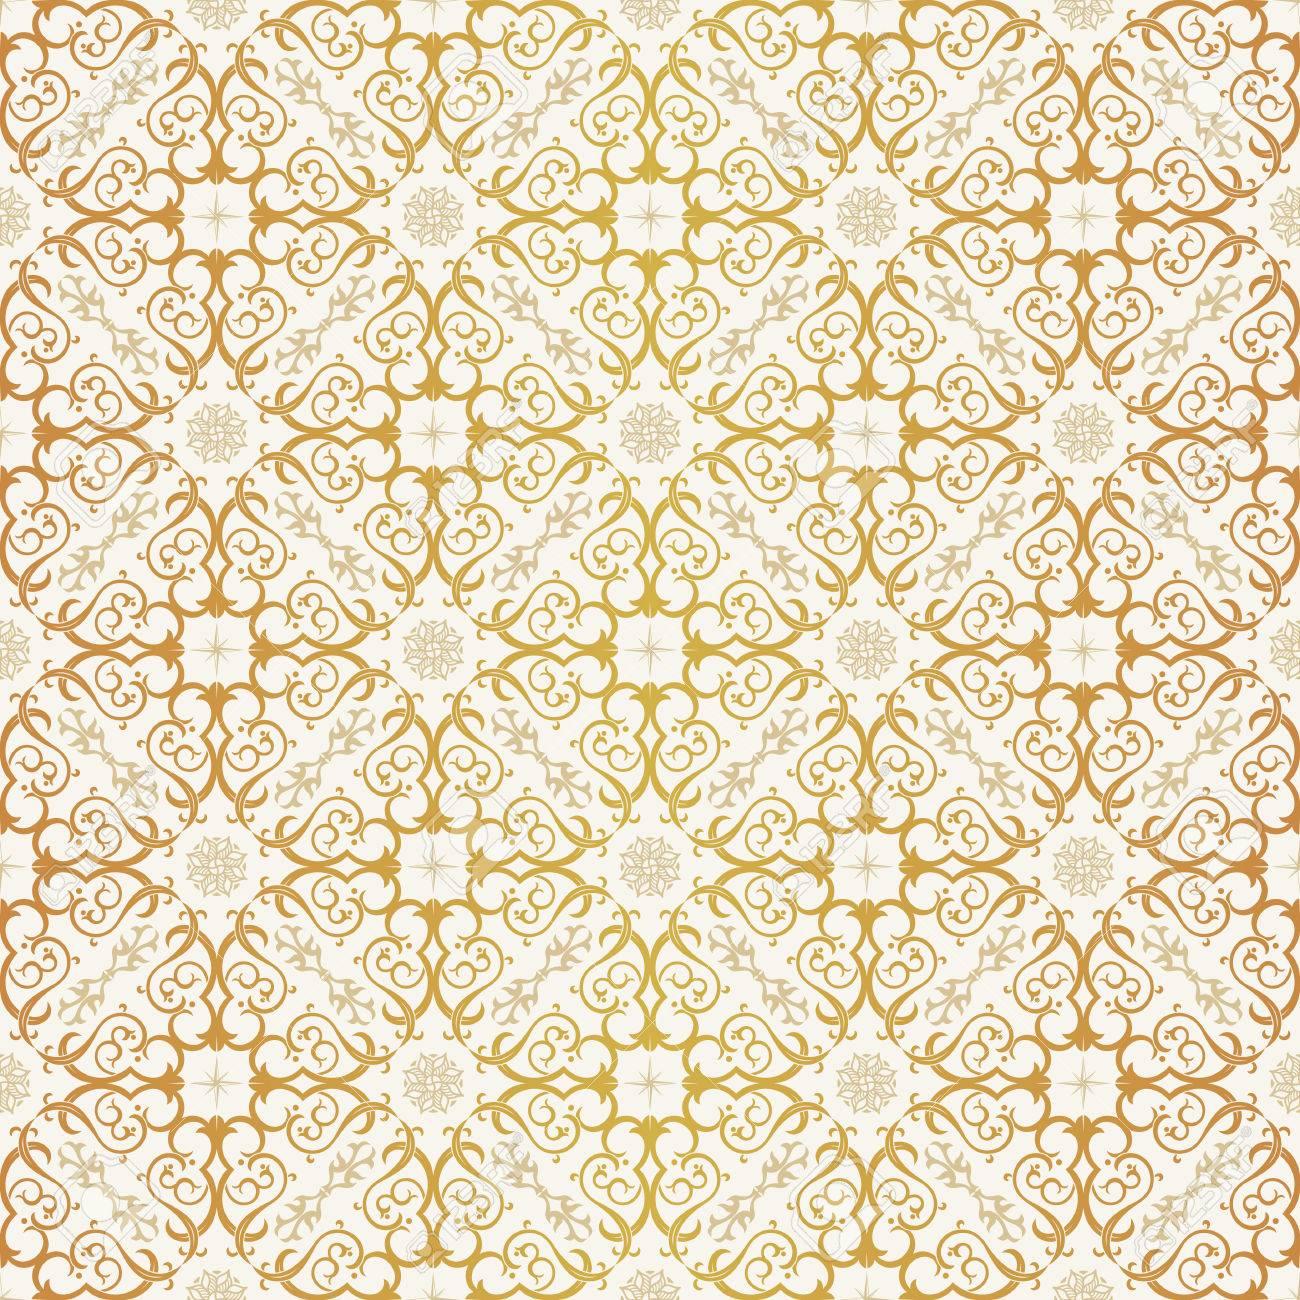 Nahtlose Hintergrund Im Arabischen Stil Gold Und Weise Tapete Mit Mustern Fur Design Traditionelle